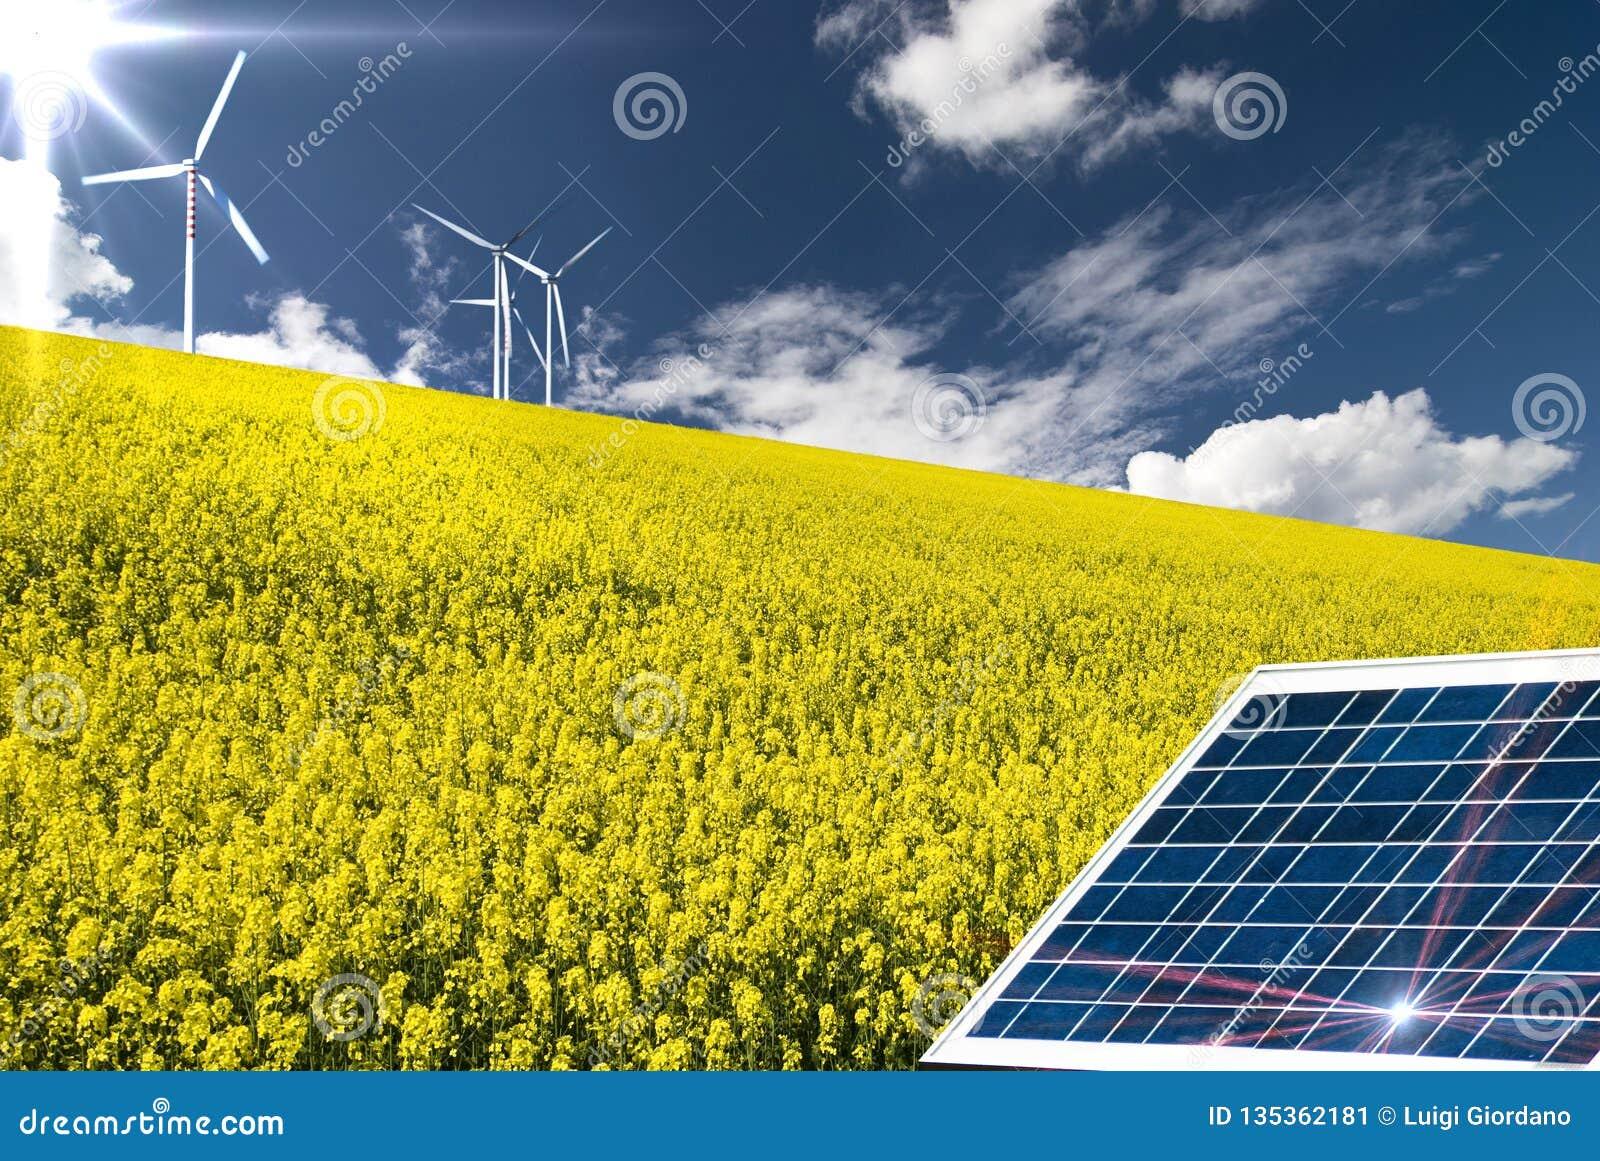 Возобновляющая энергия и устойчивое и сбалансированное развитие